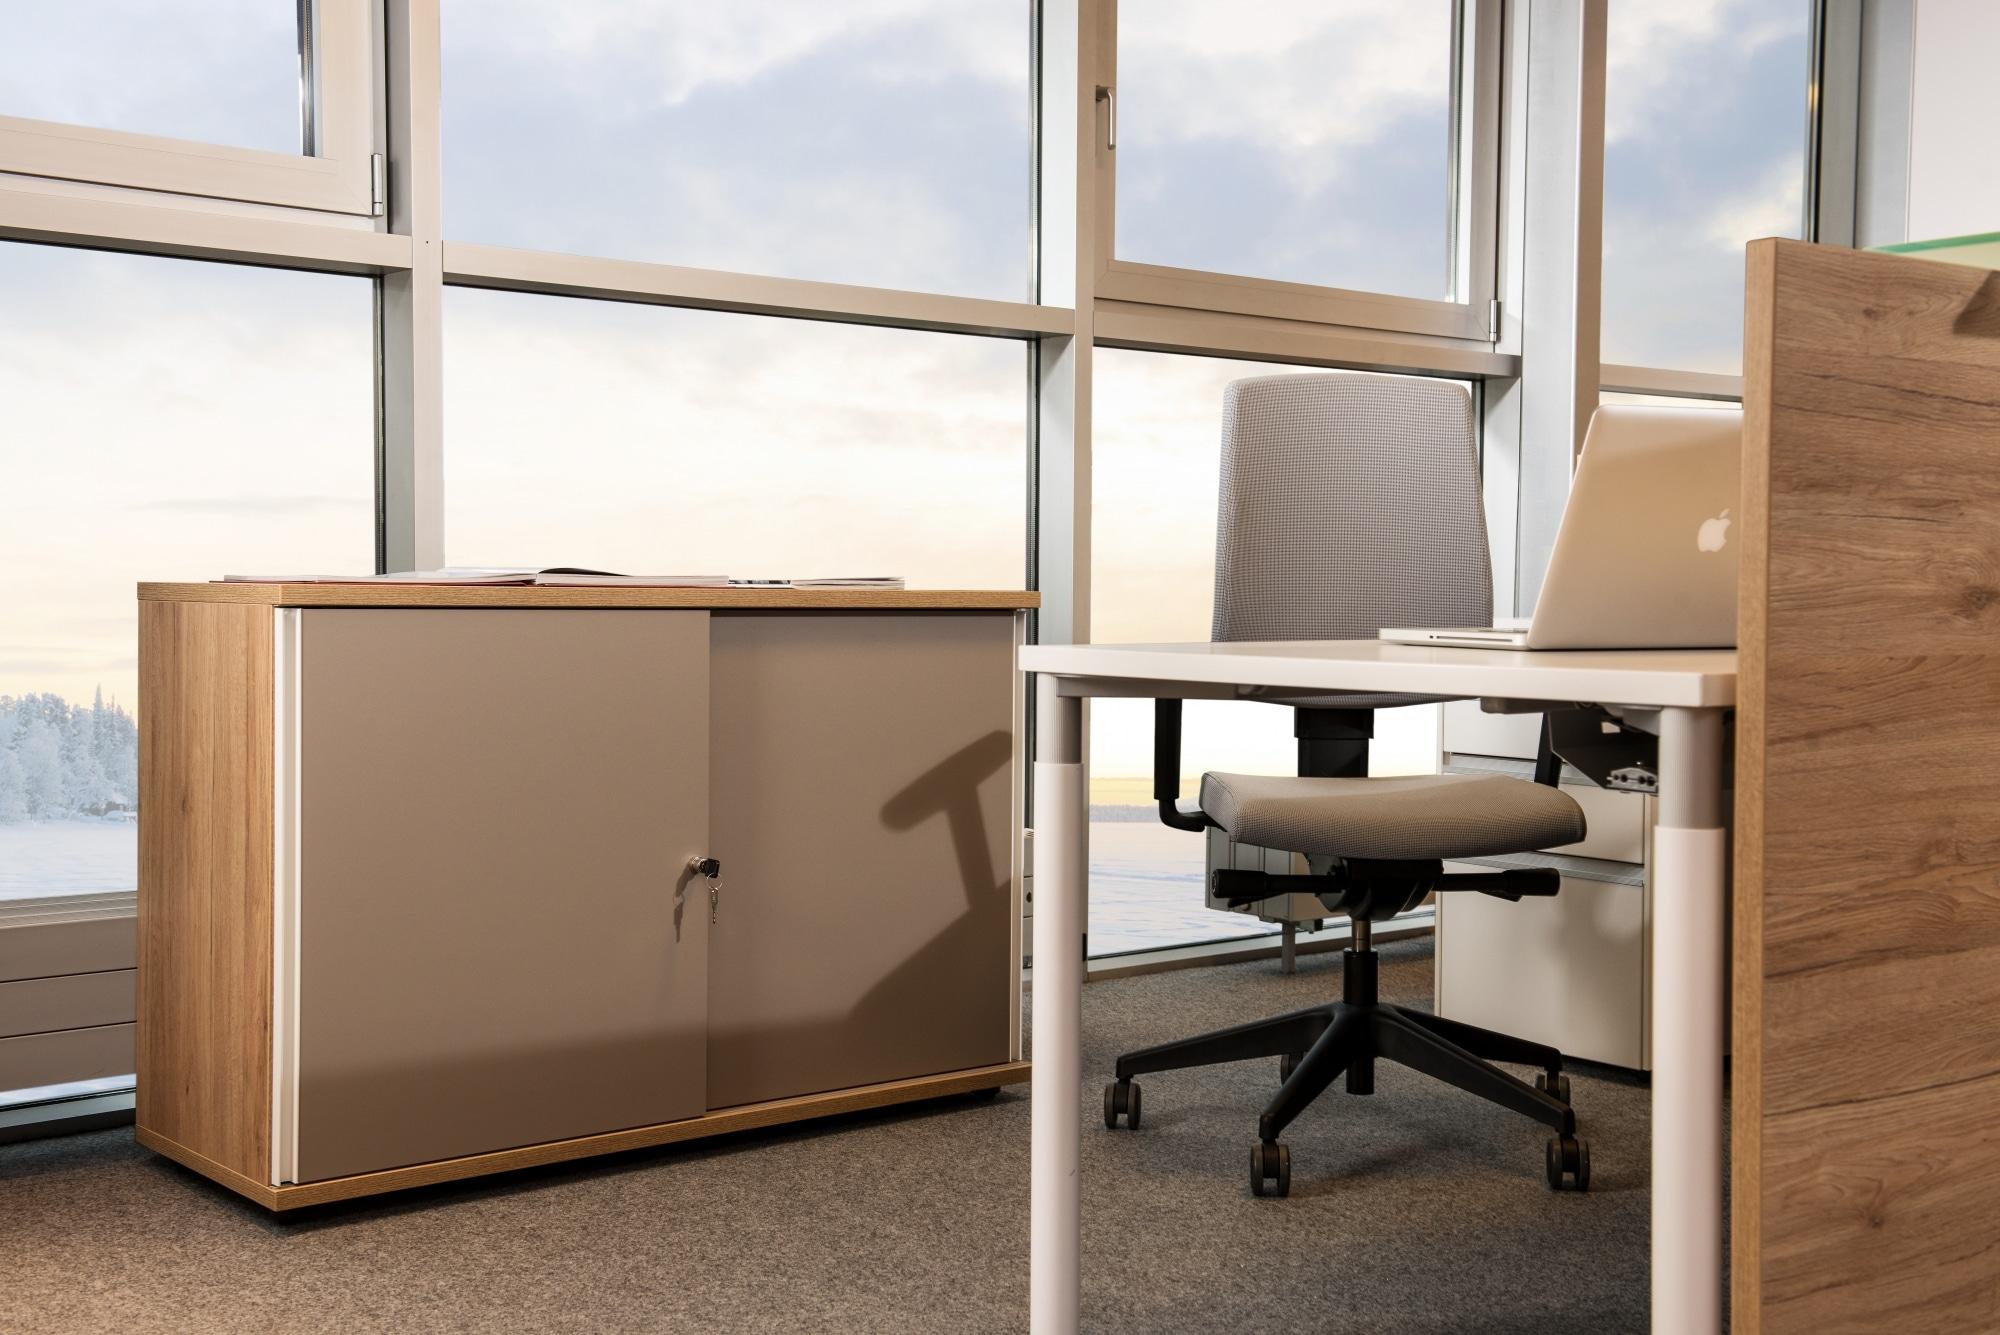 hali Büromöbel, Büroarbeitstisch, Tischsystem, s110, Rundfuß, höhenverstellbar, Melaminplatte, Schreibtisch, flexibel, Beinfreiheit, arbeiten, Büro, Office, Start up, günstig, preiswert, Unternehmensgründung, kombinierbar, Pult, box, Schiebetürenschrank, Stauraum